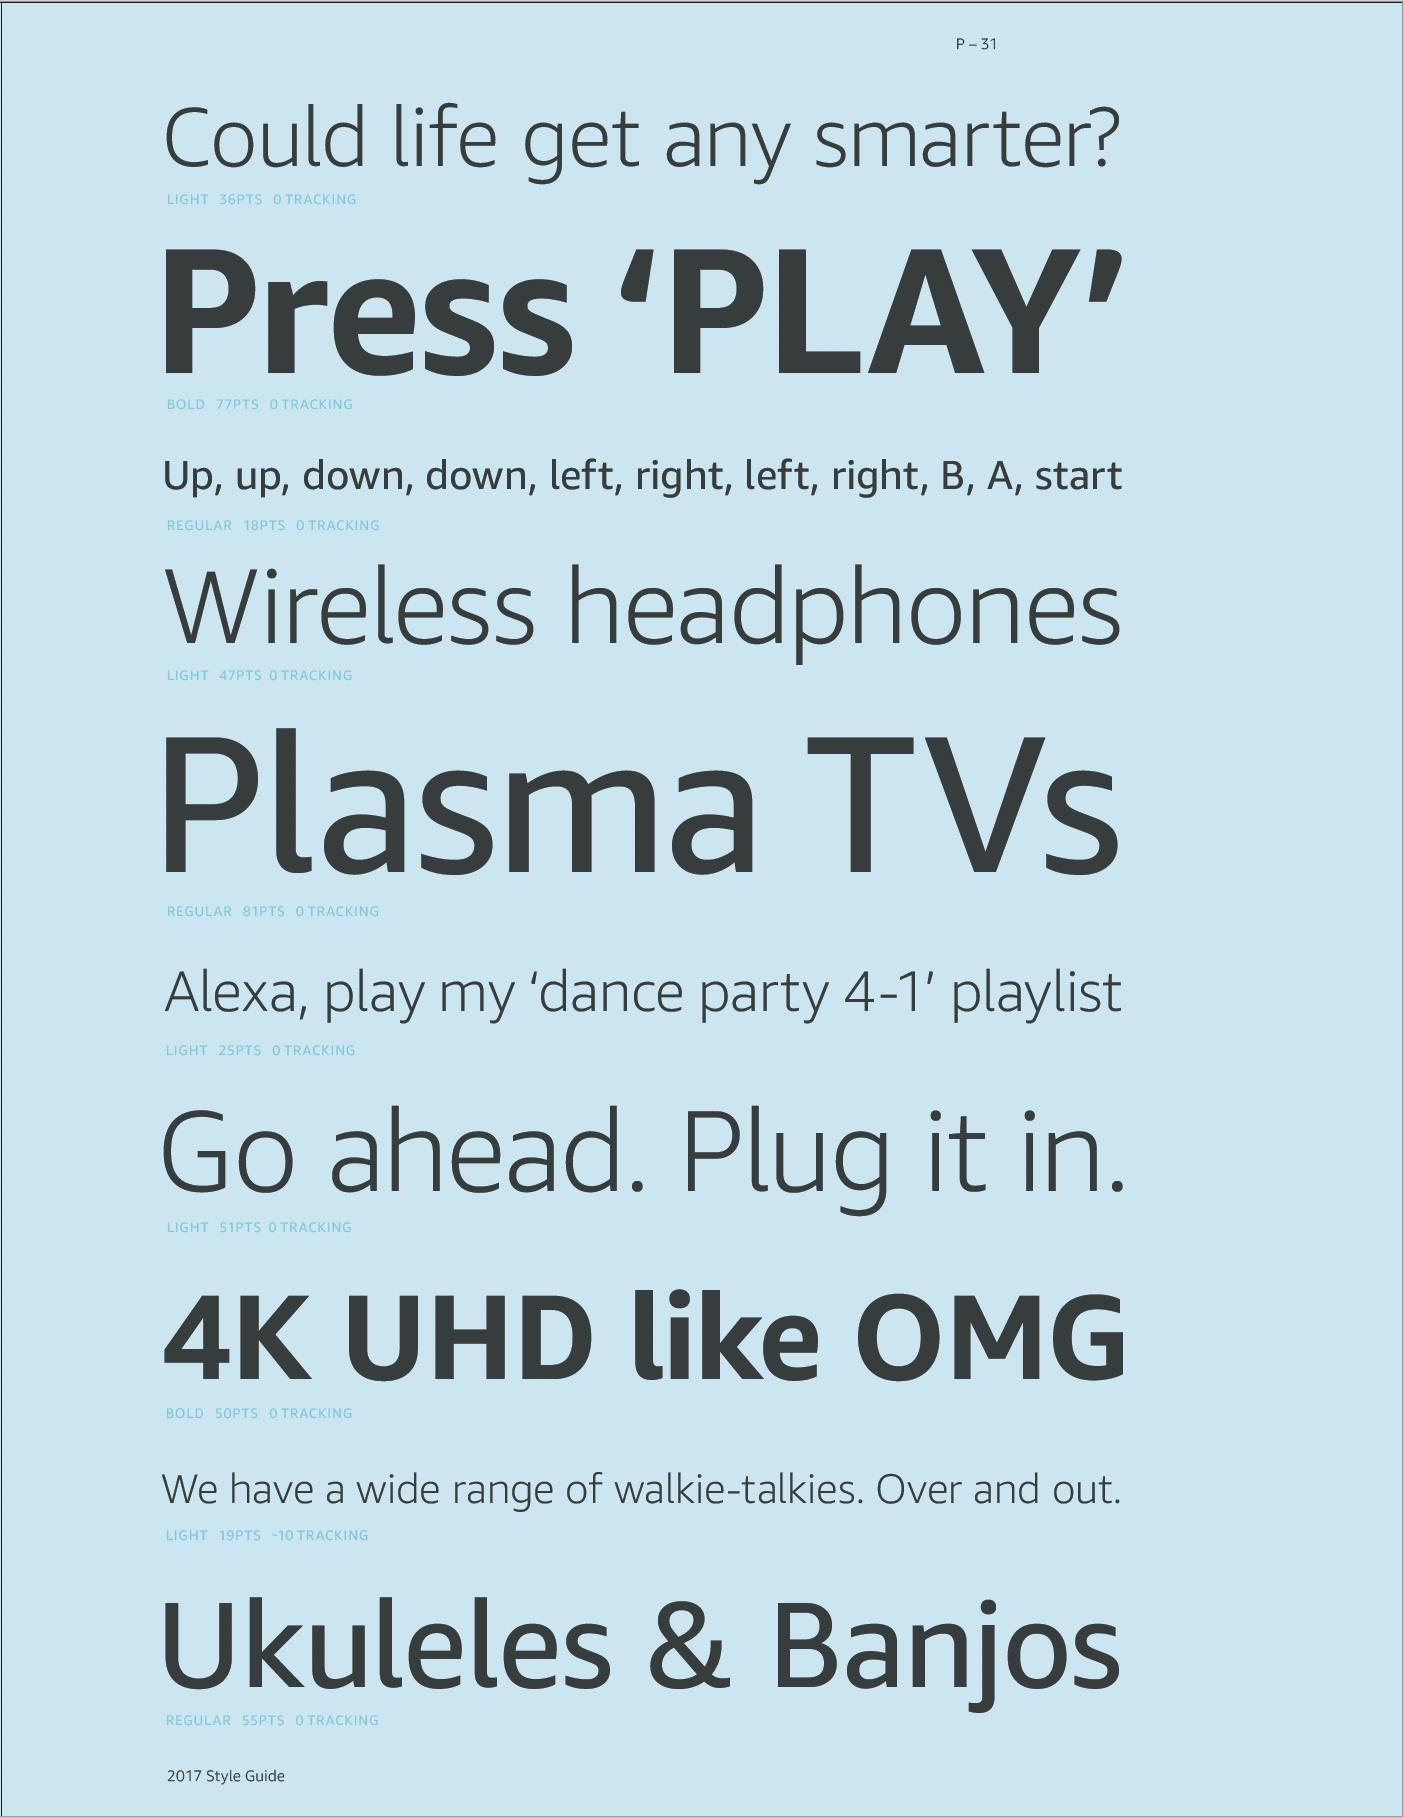 Mockup of the Amazon.com Consumer Electronics Showcase landing page.